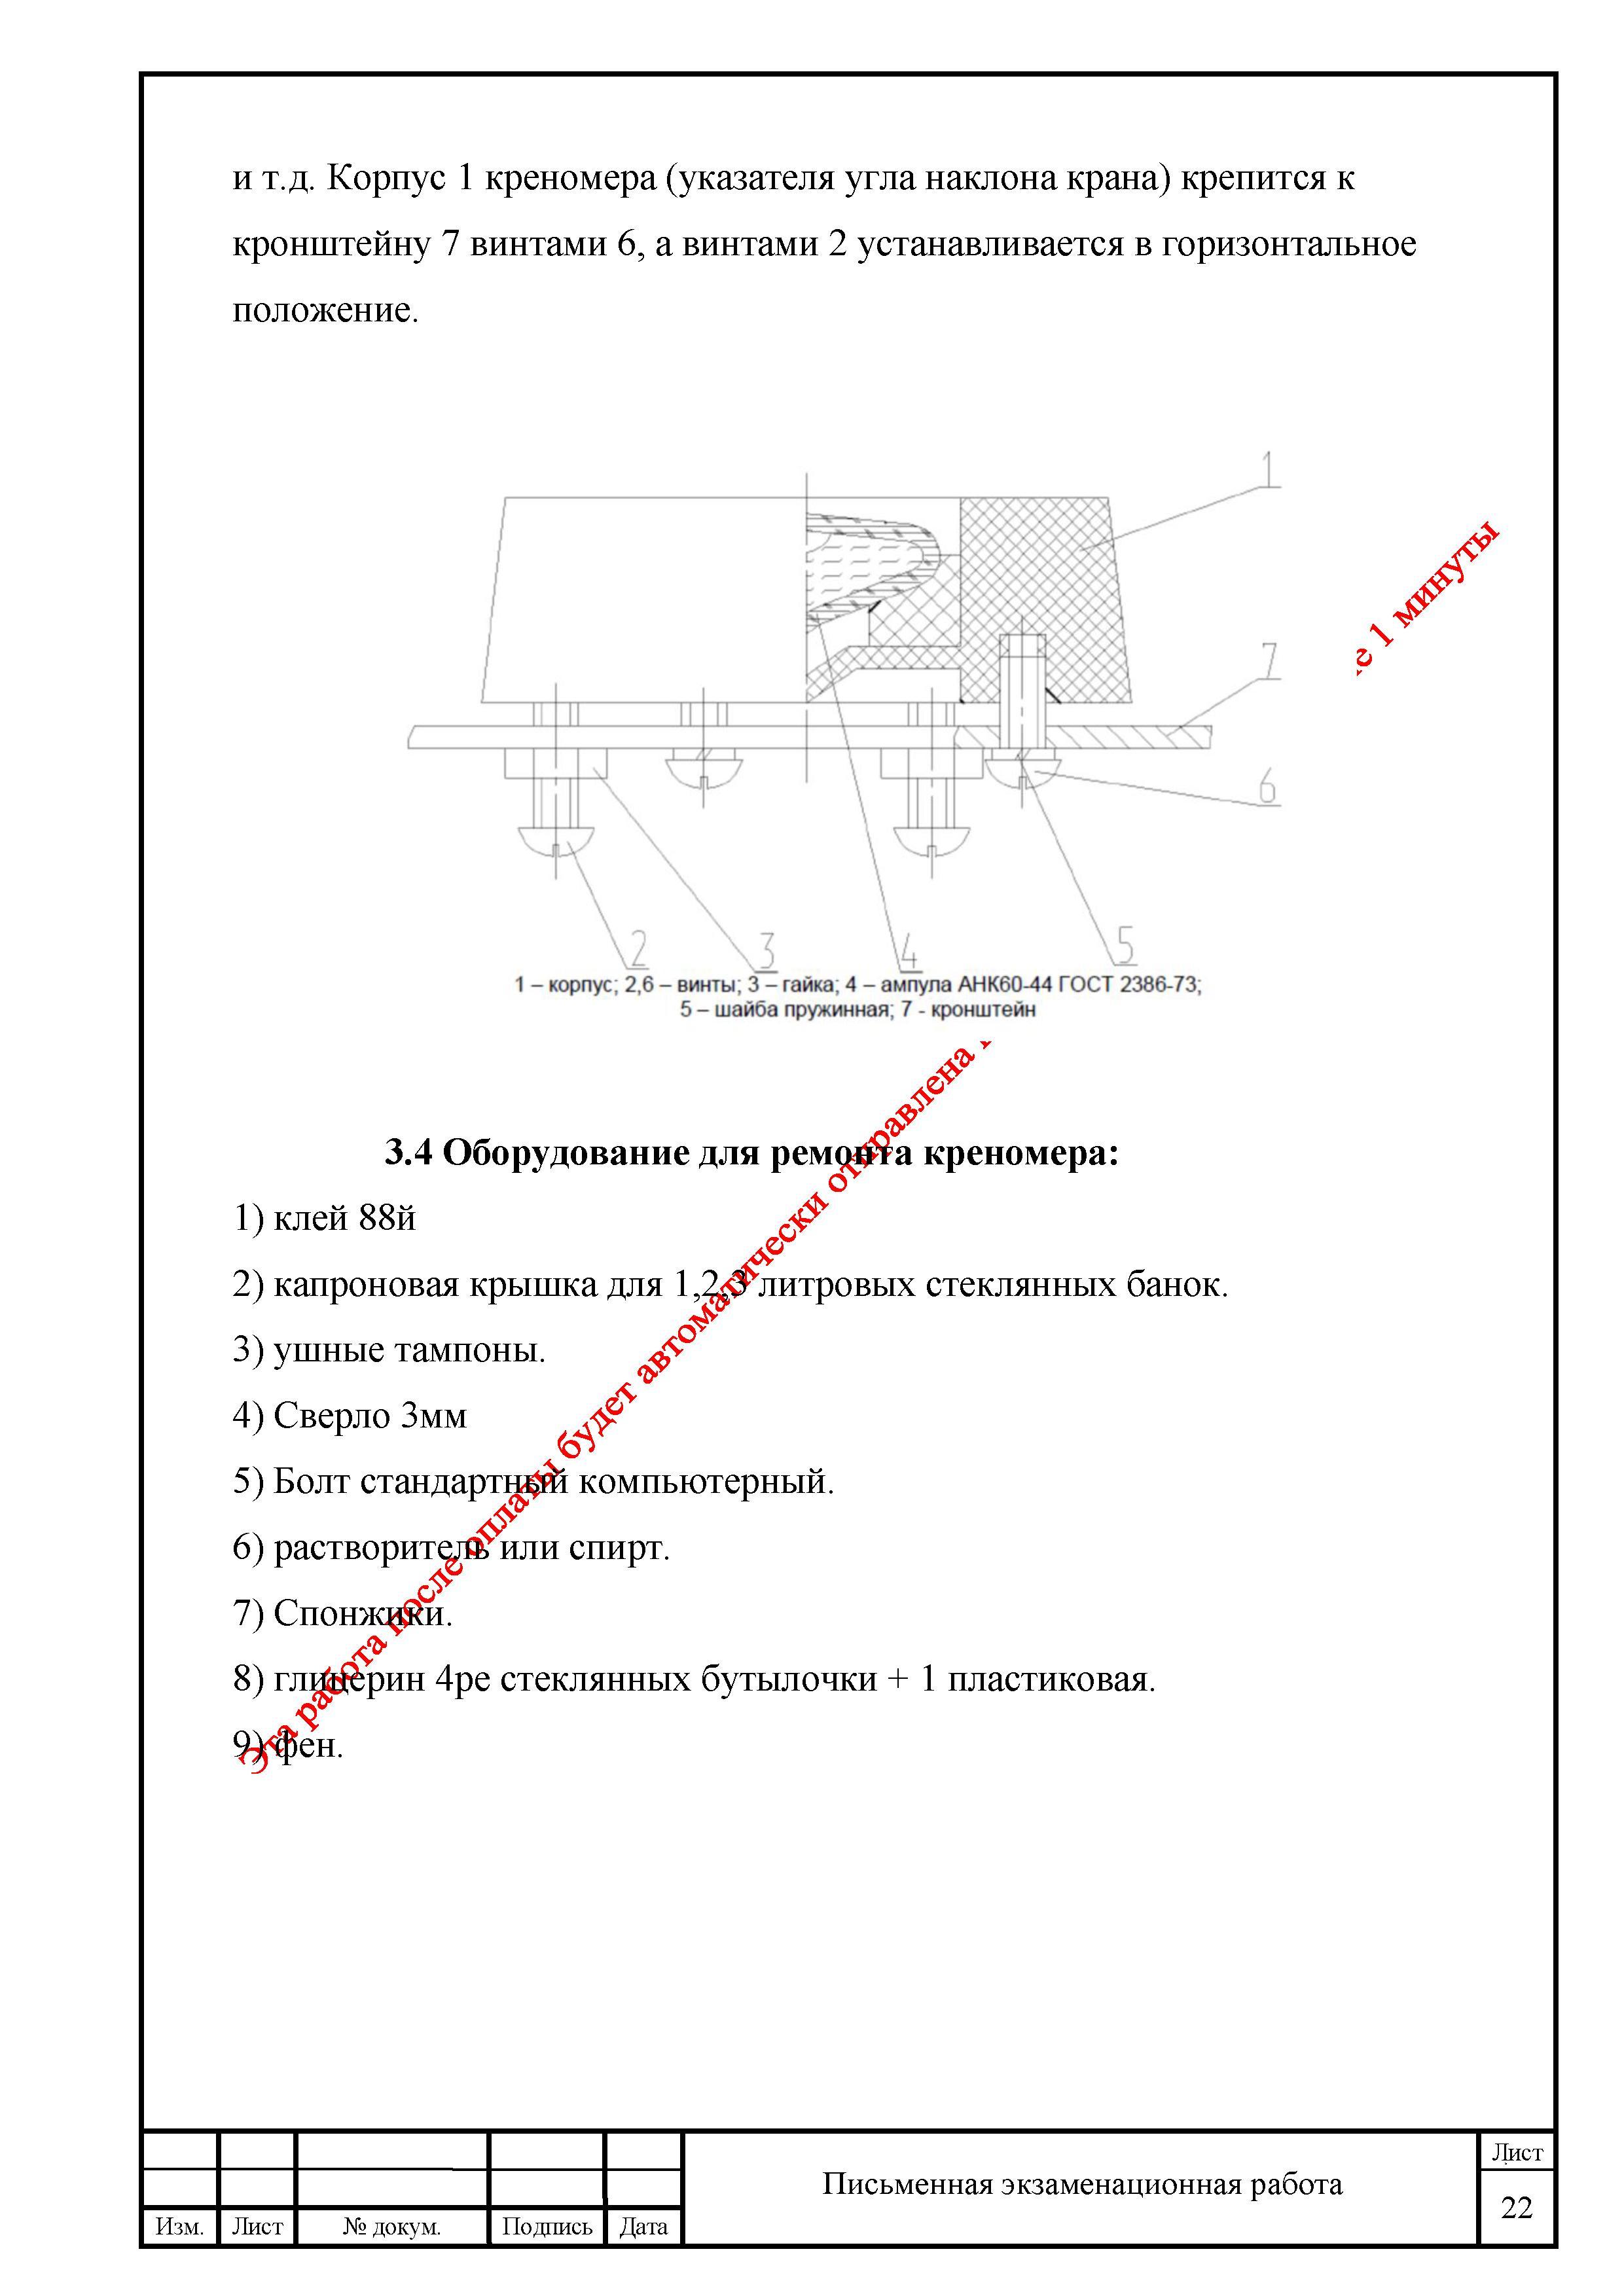 дипломная работа титульный лист образец 2017